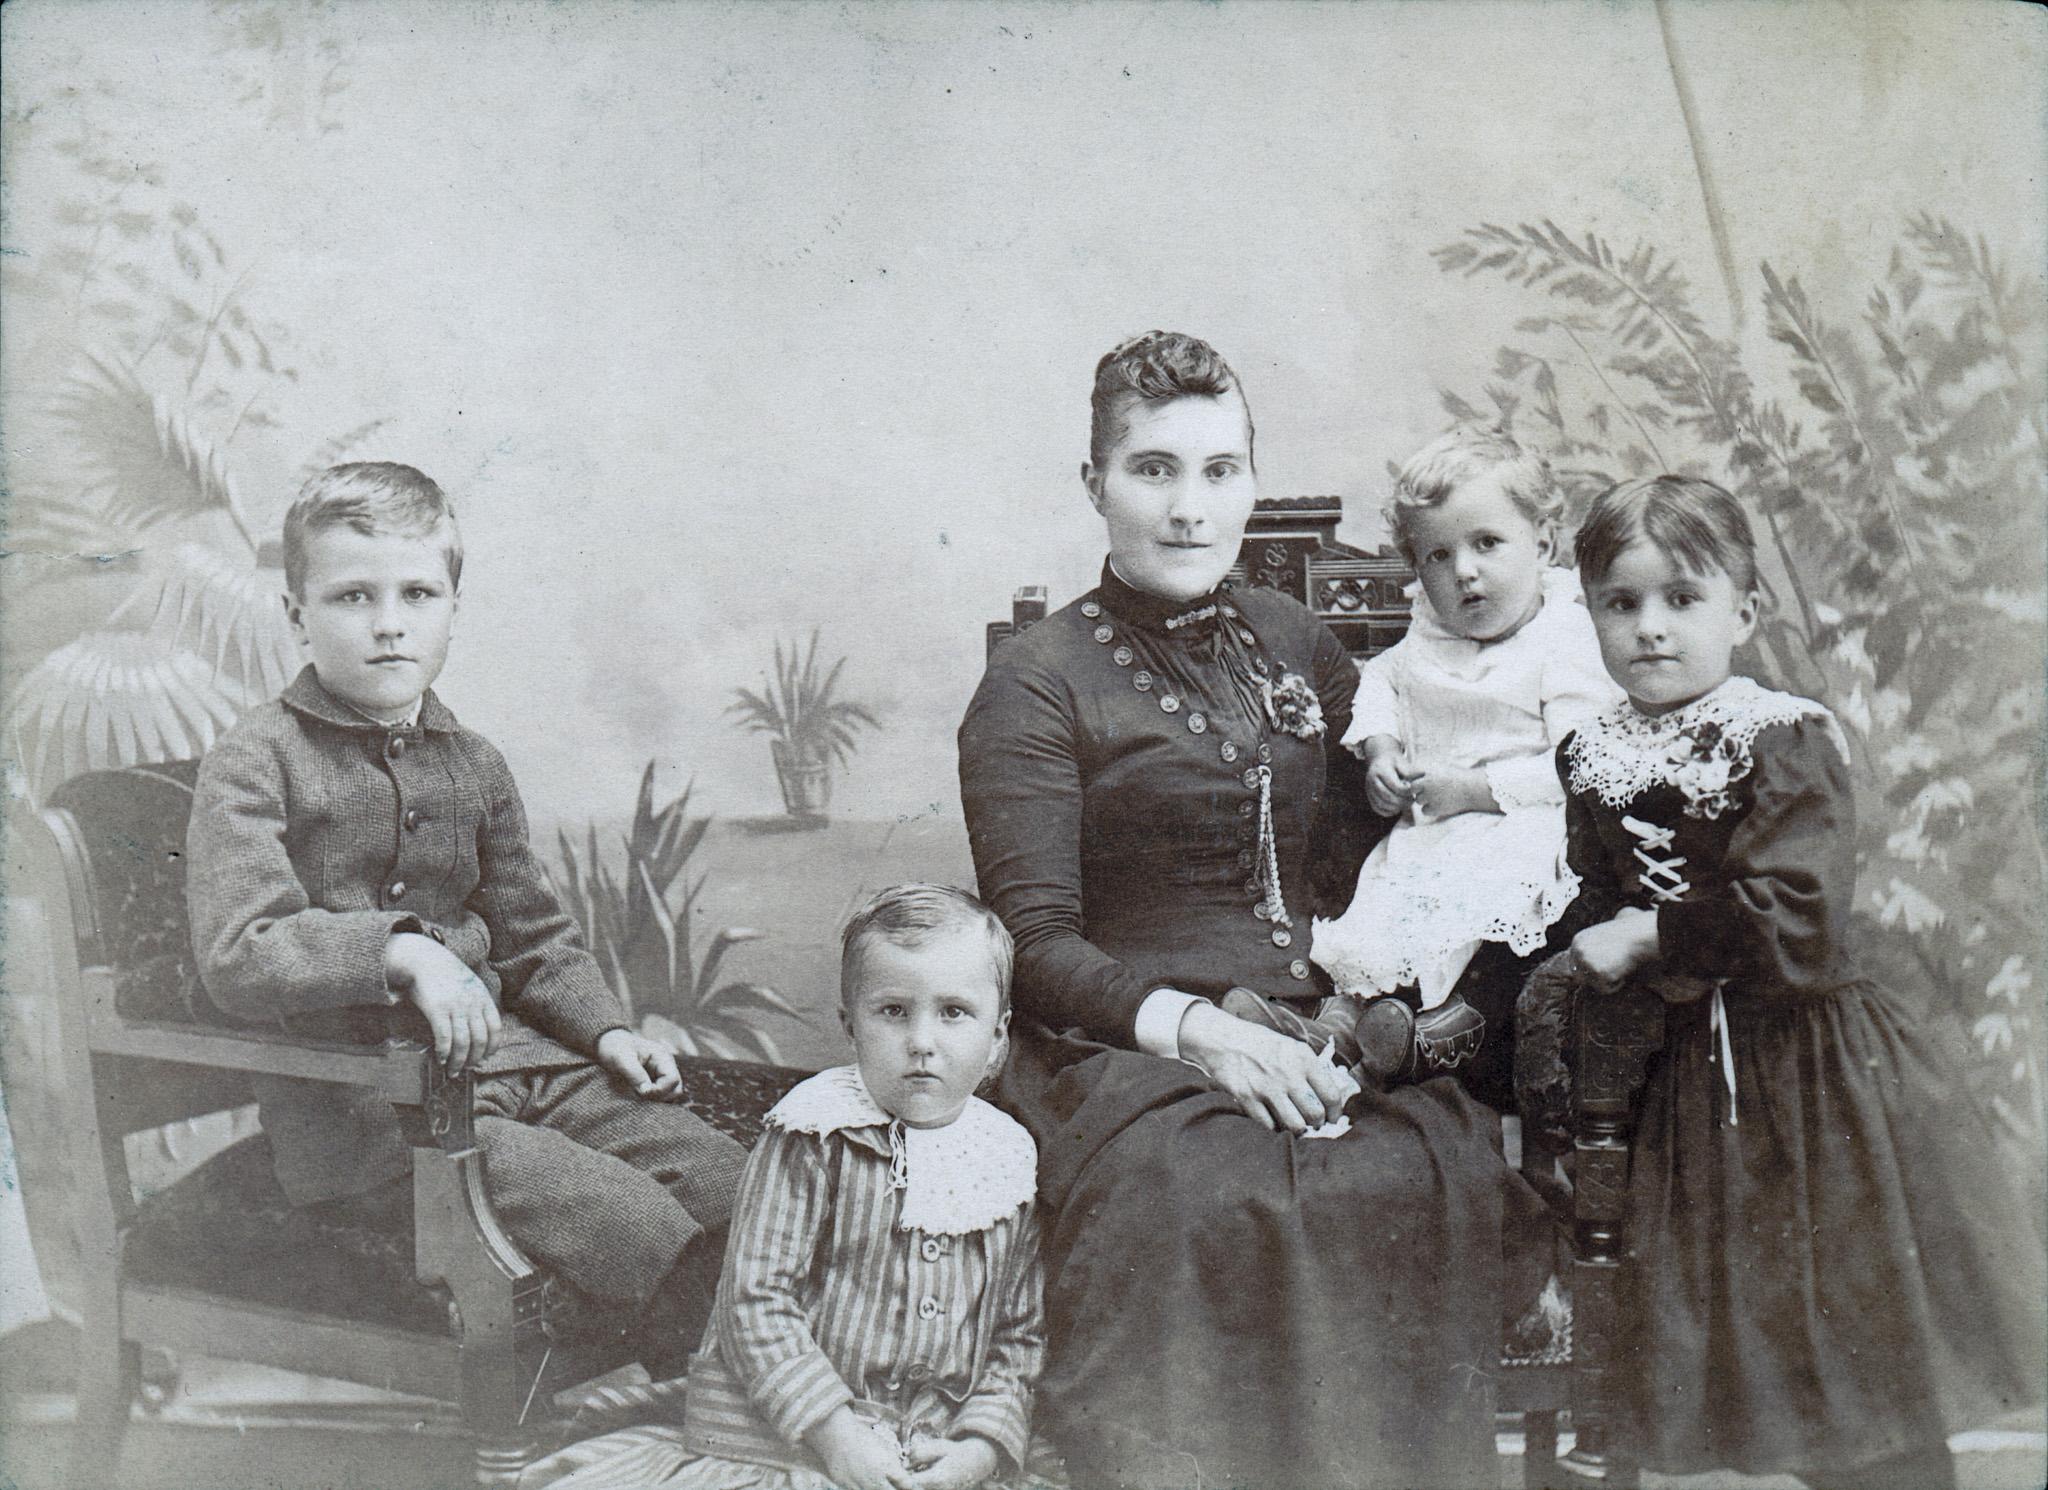 Nicklos Family Photo